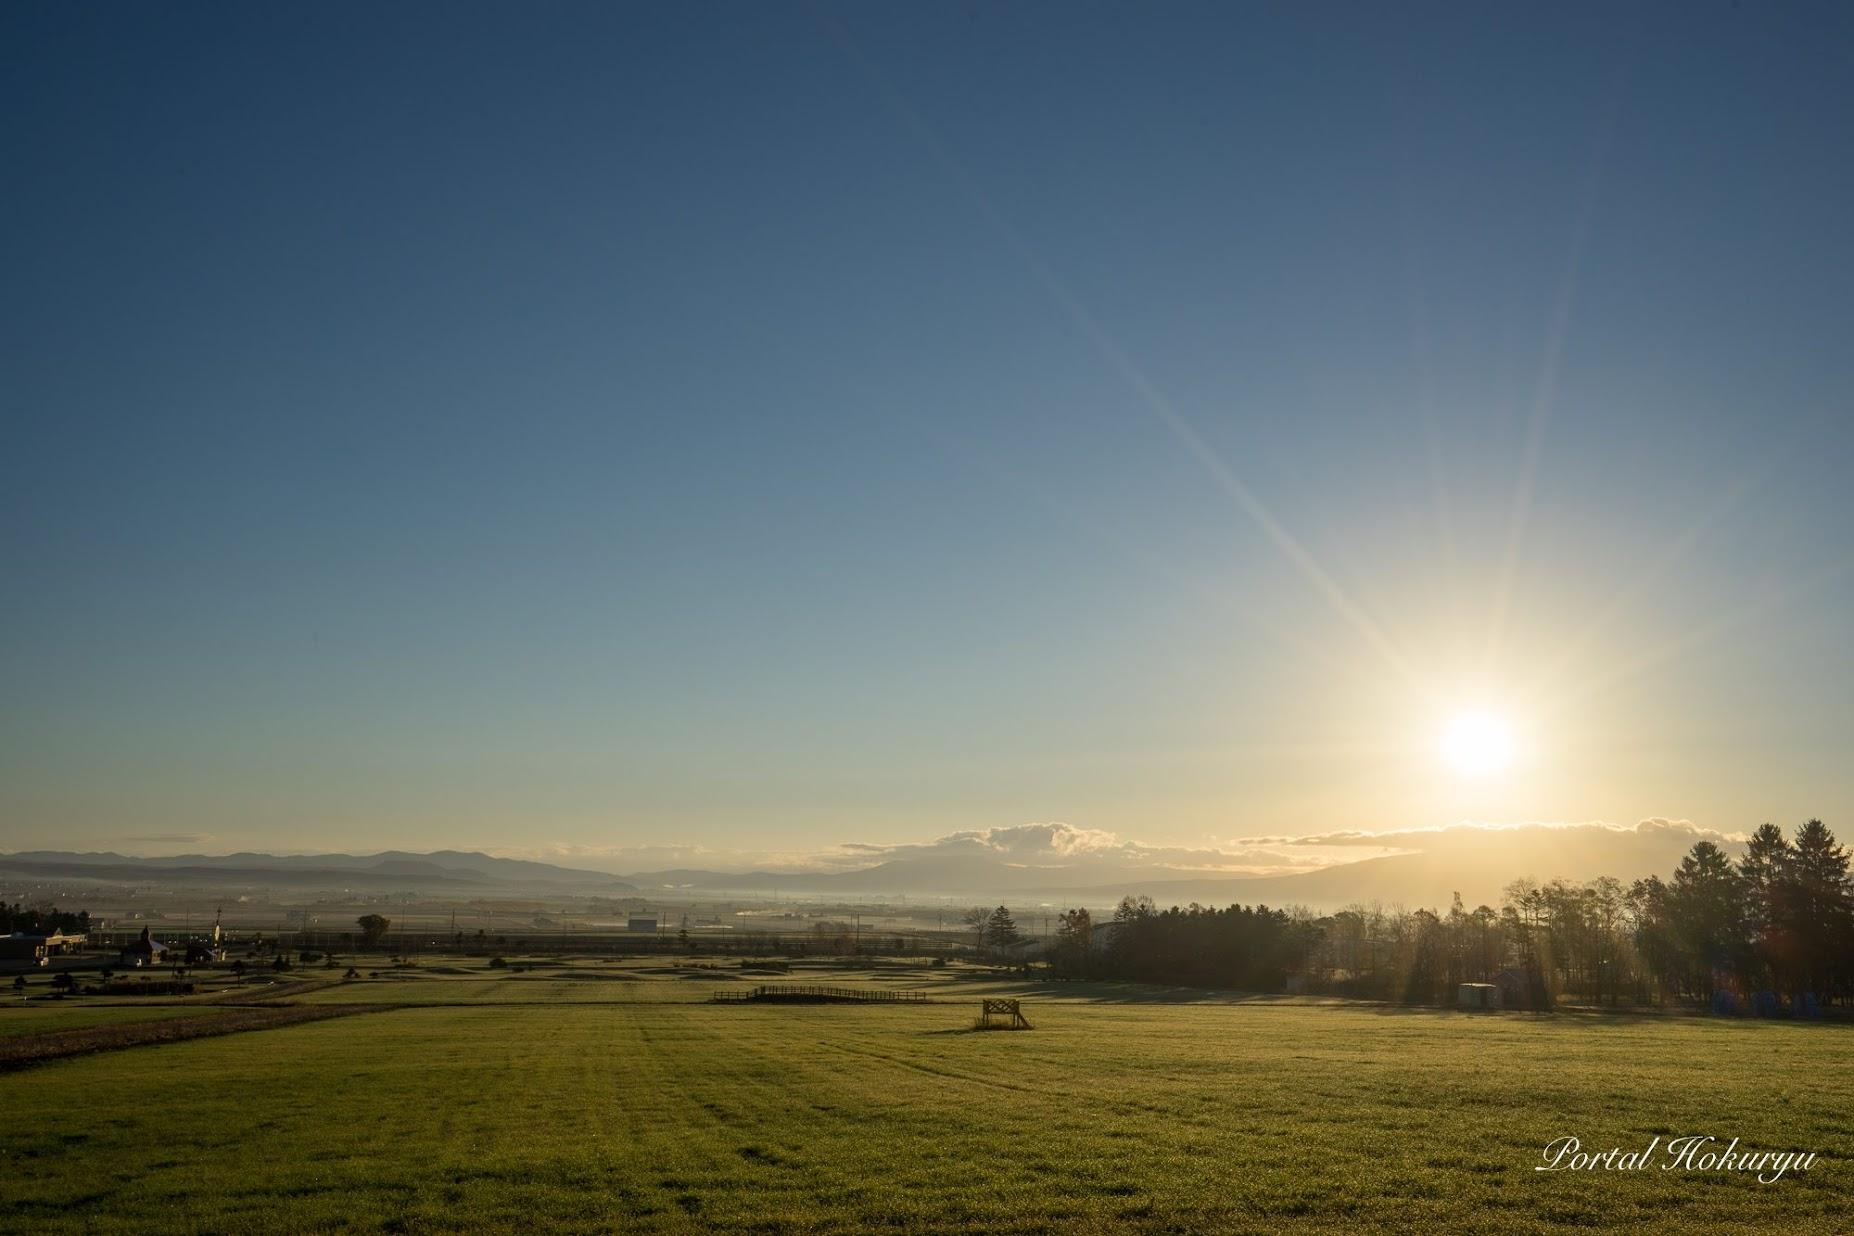 太陽の暖かさを感じる風景